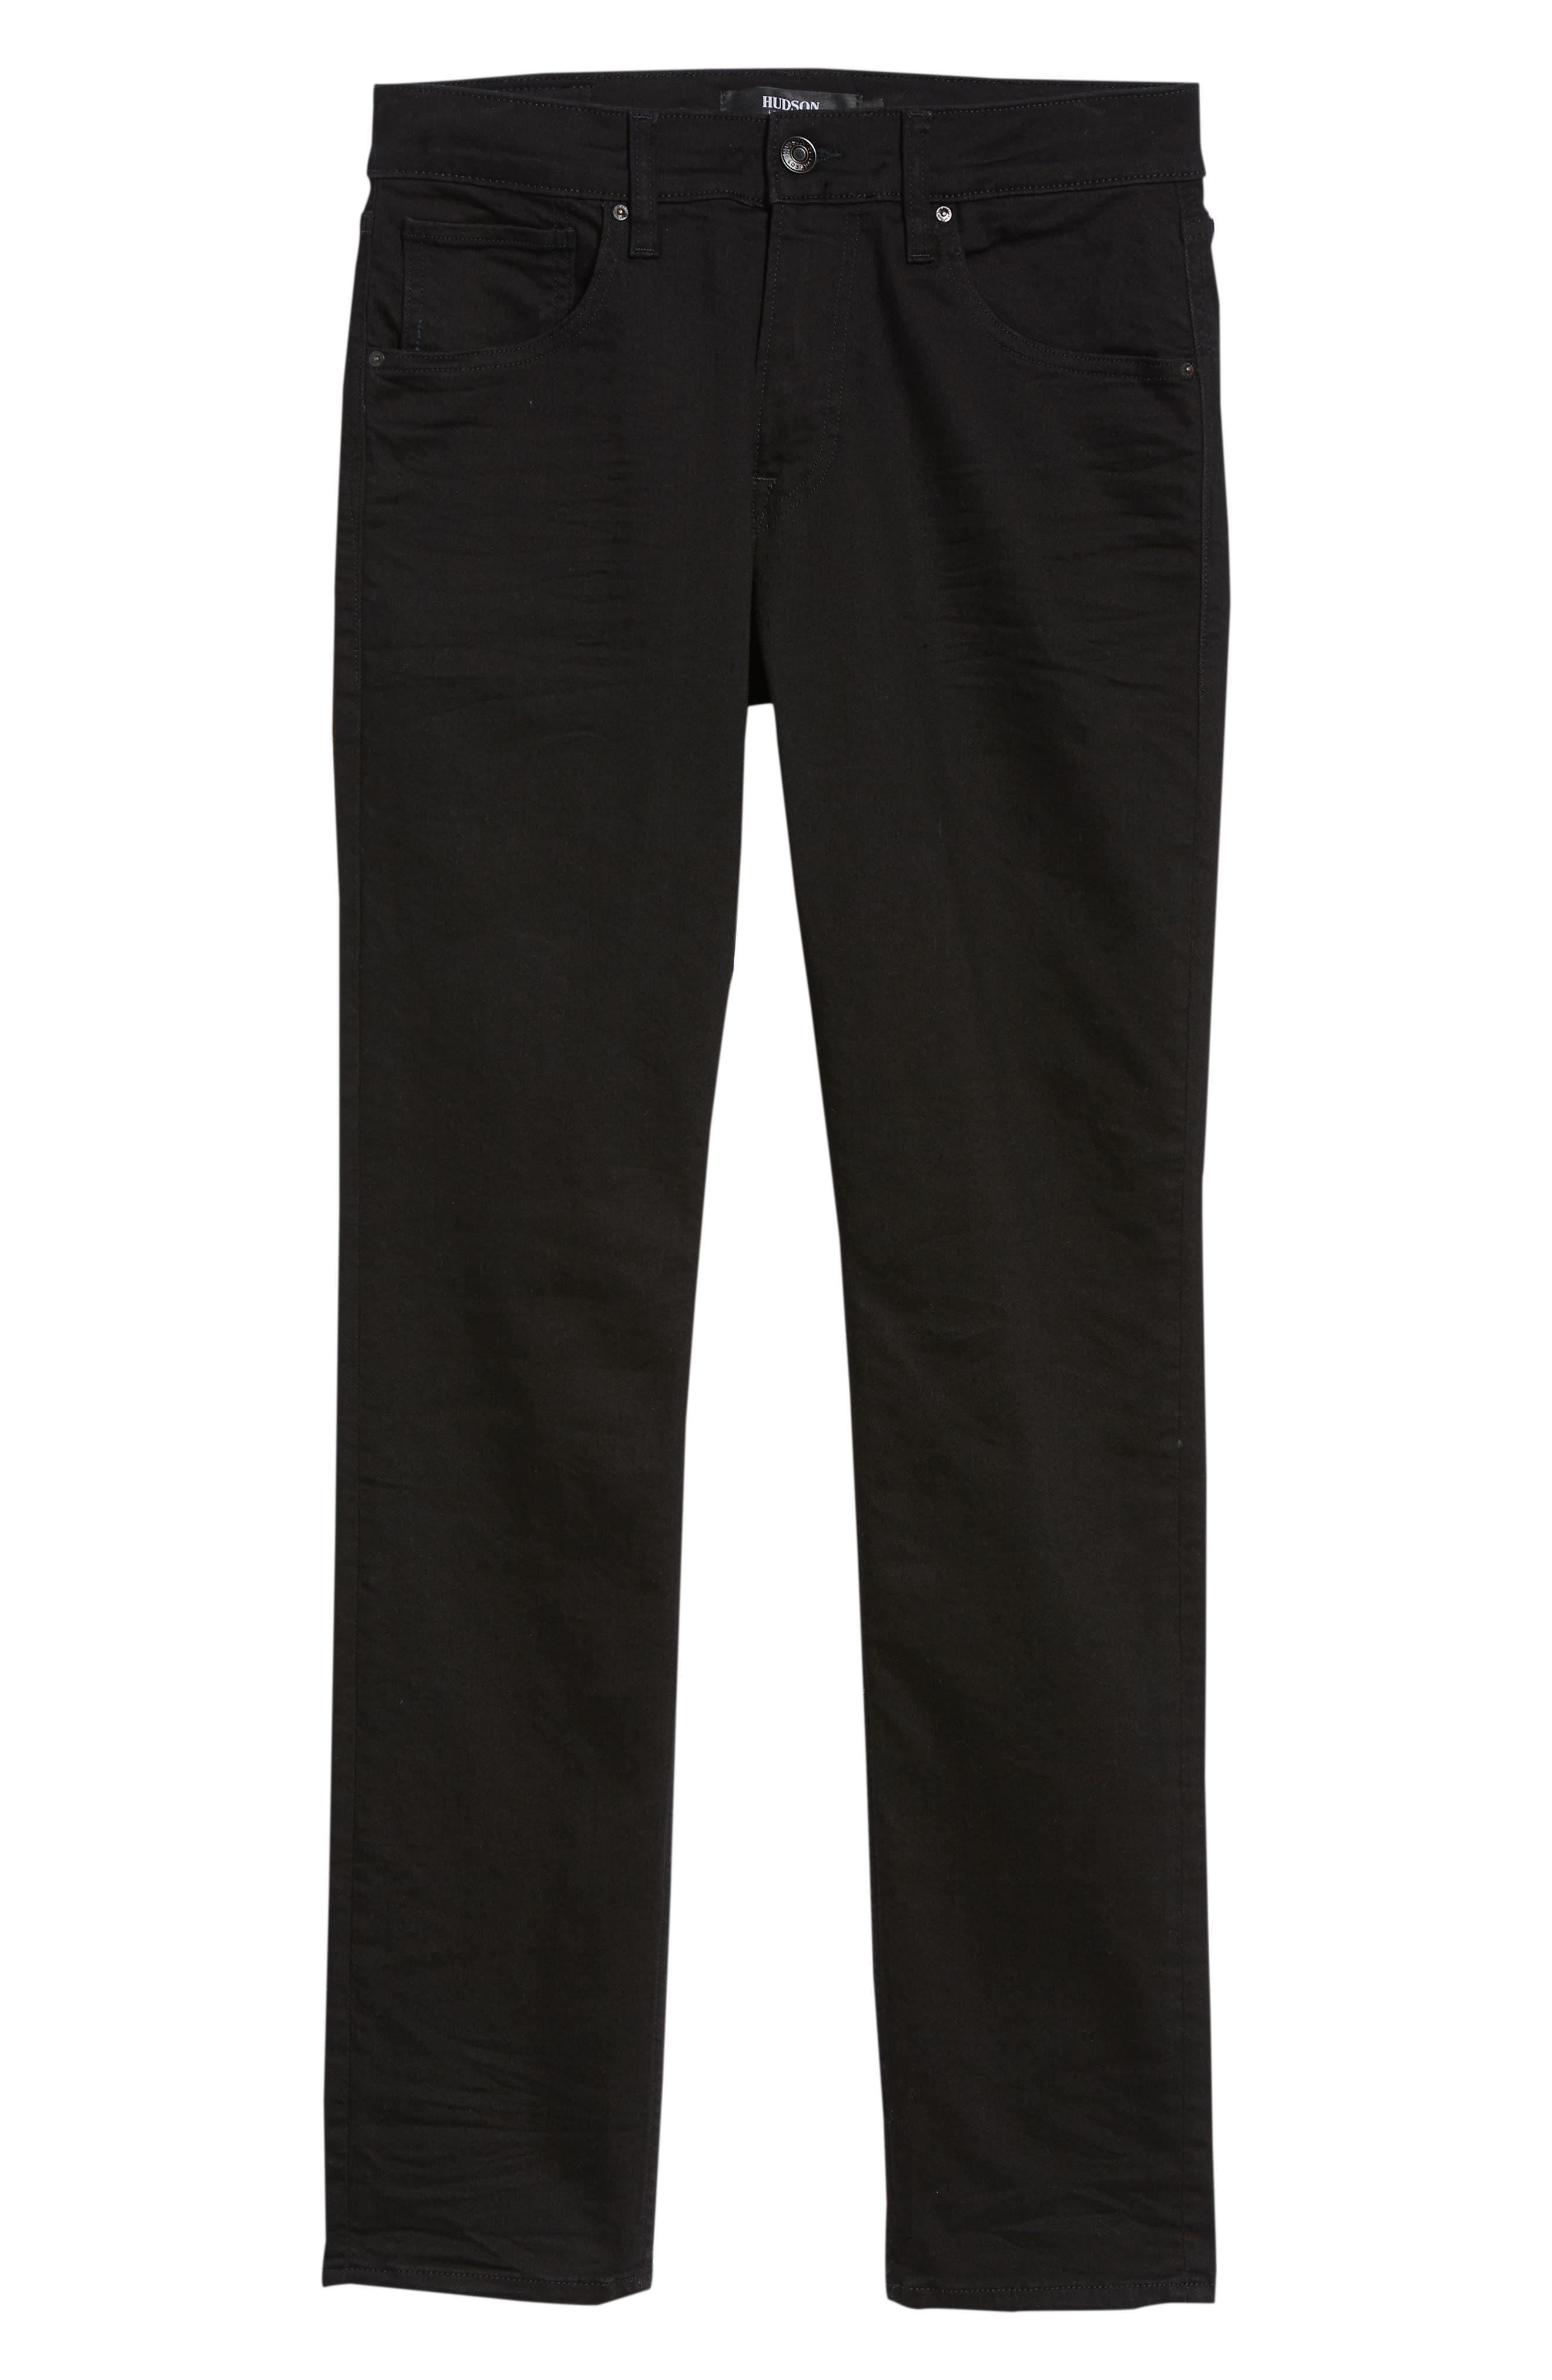 HUDSON JEANS, Blake Slim Fit Straight Leg Jeans, Alternate thumbnail 7, color, HASKETT